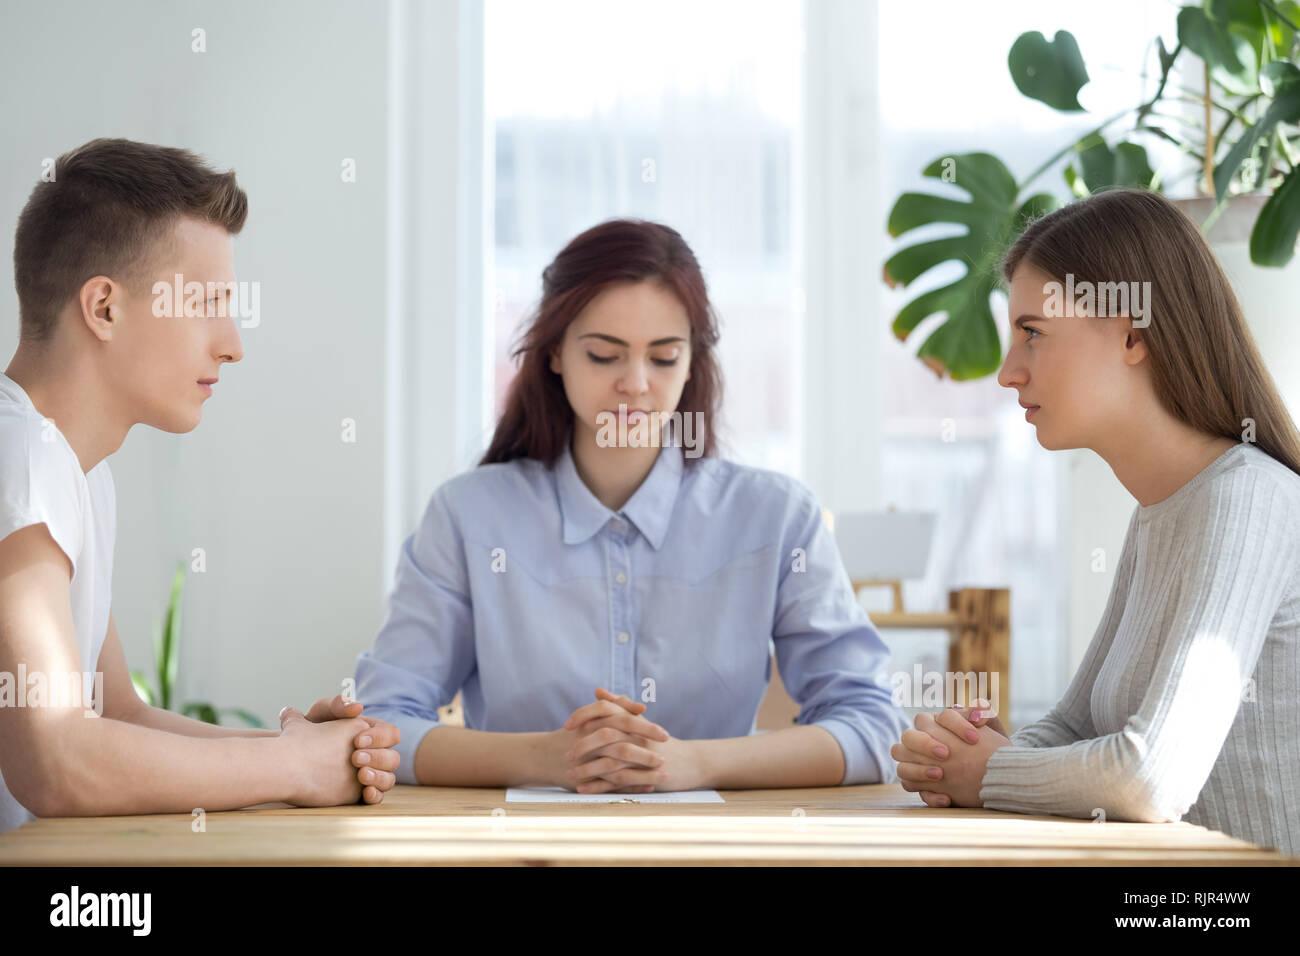 Sposato infelice giovane seduto di fronte a divorziare in ufficio avvocato Immagini Stock